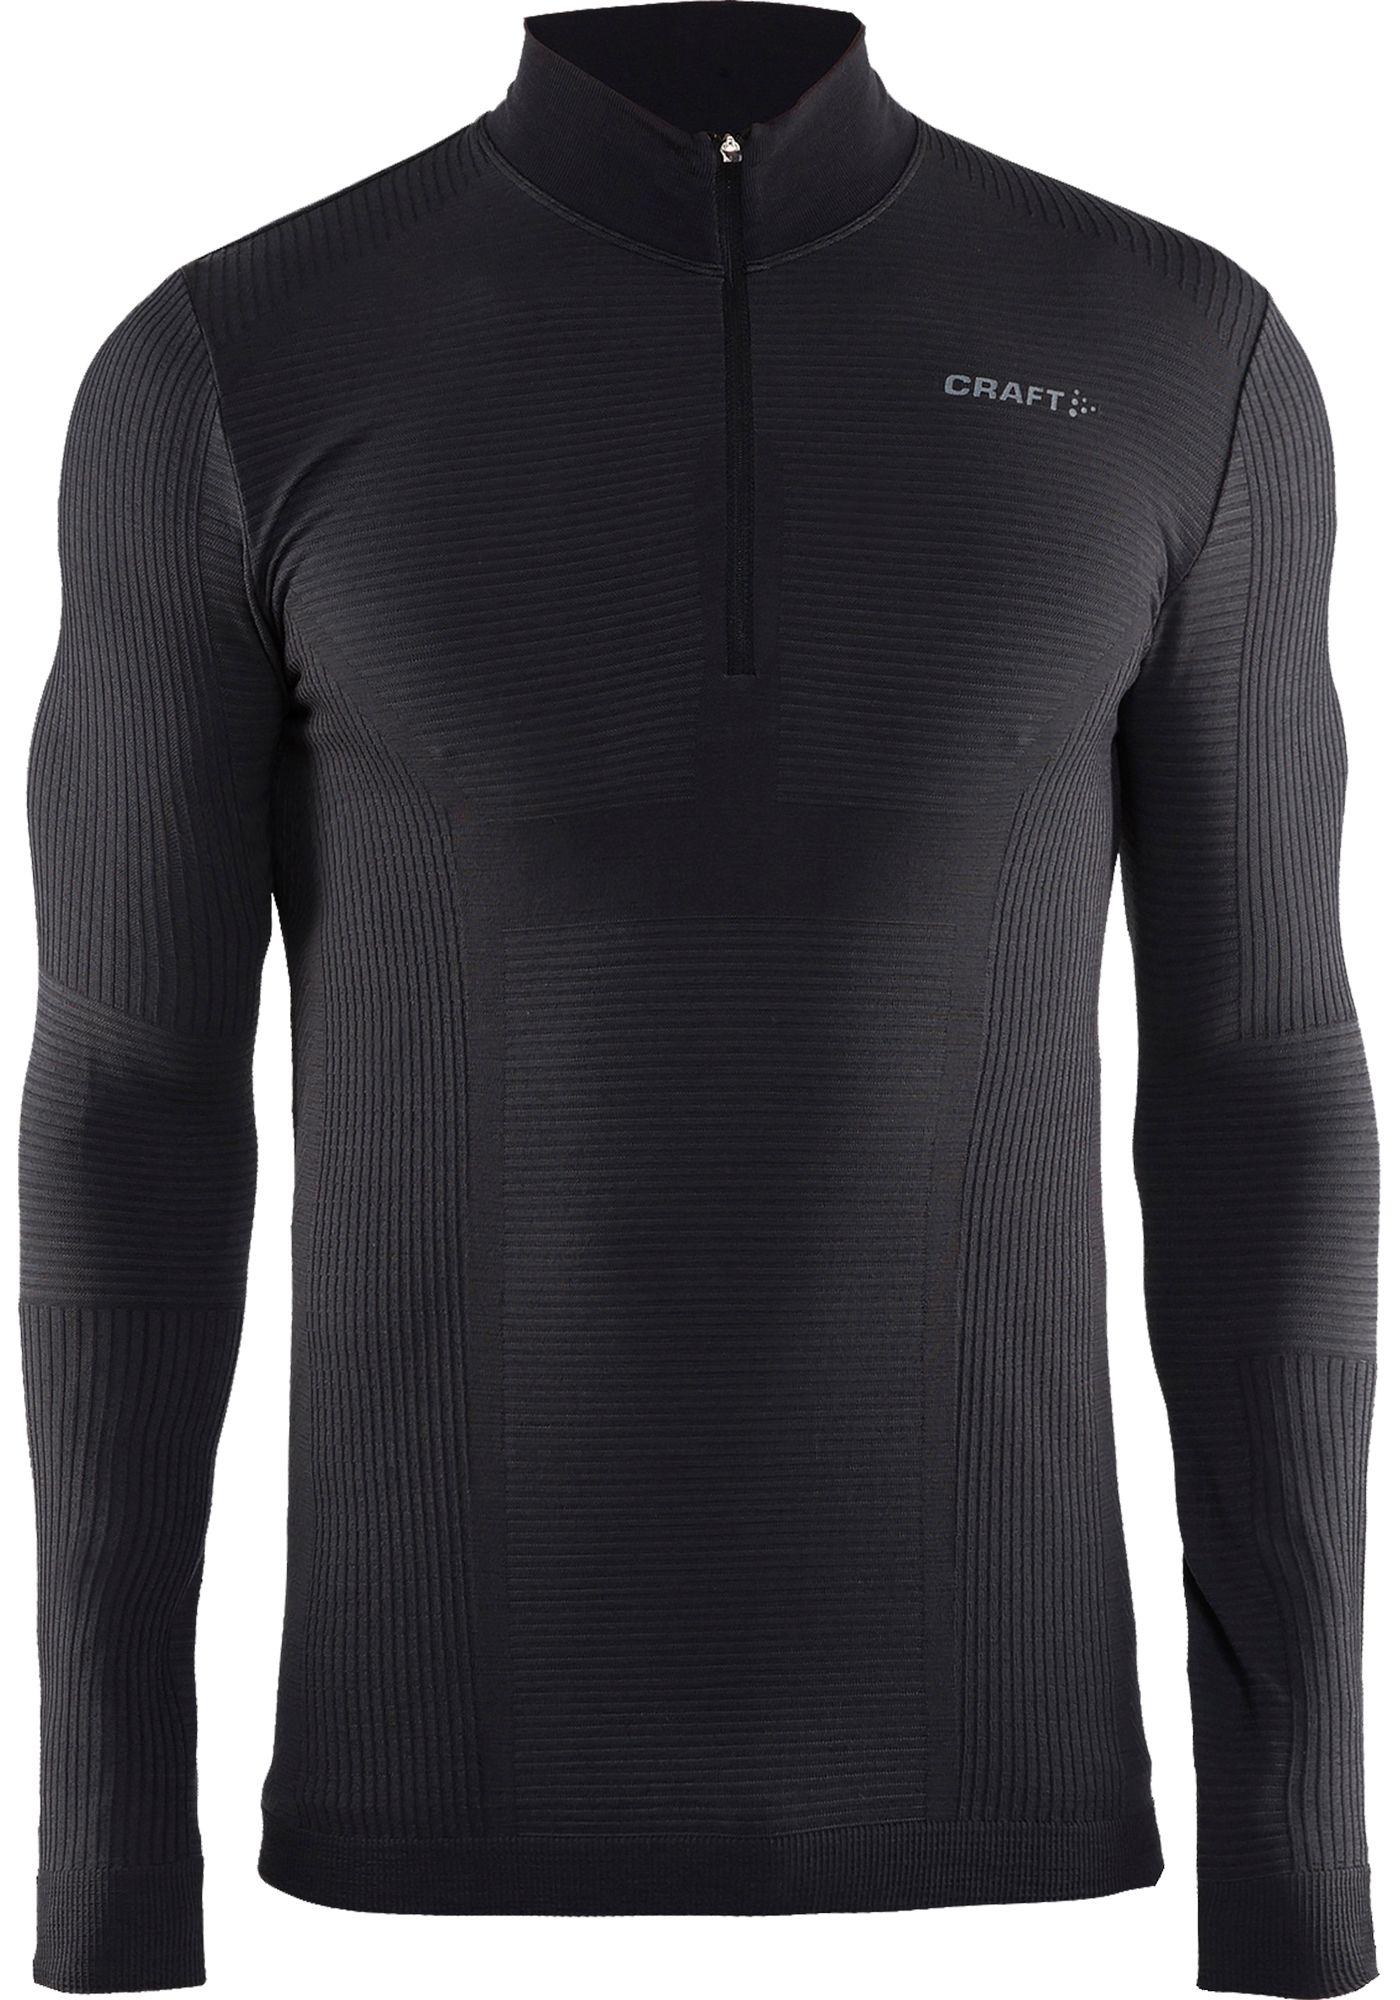 Craft Men's Wool Comfort Half Zip Mockneck Long Sleeve Shirt